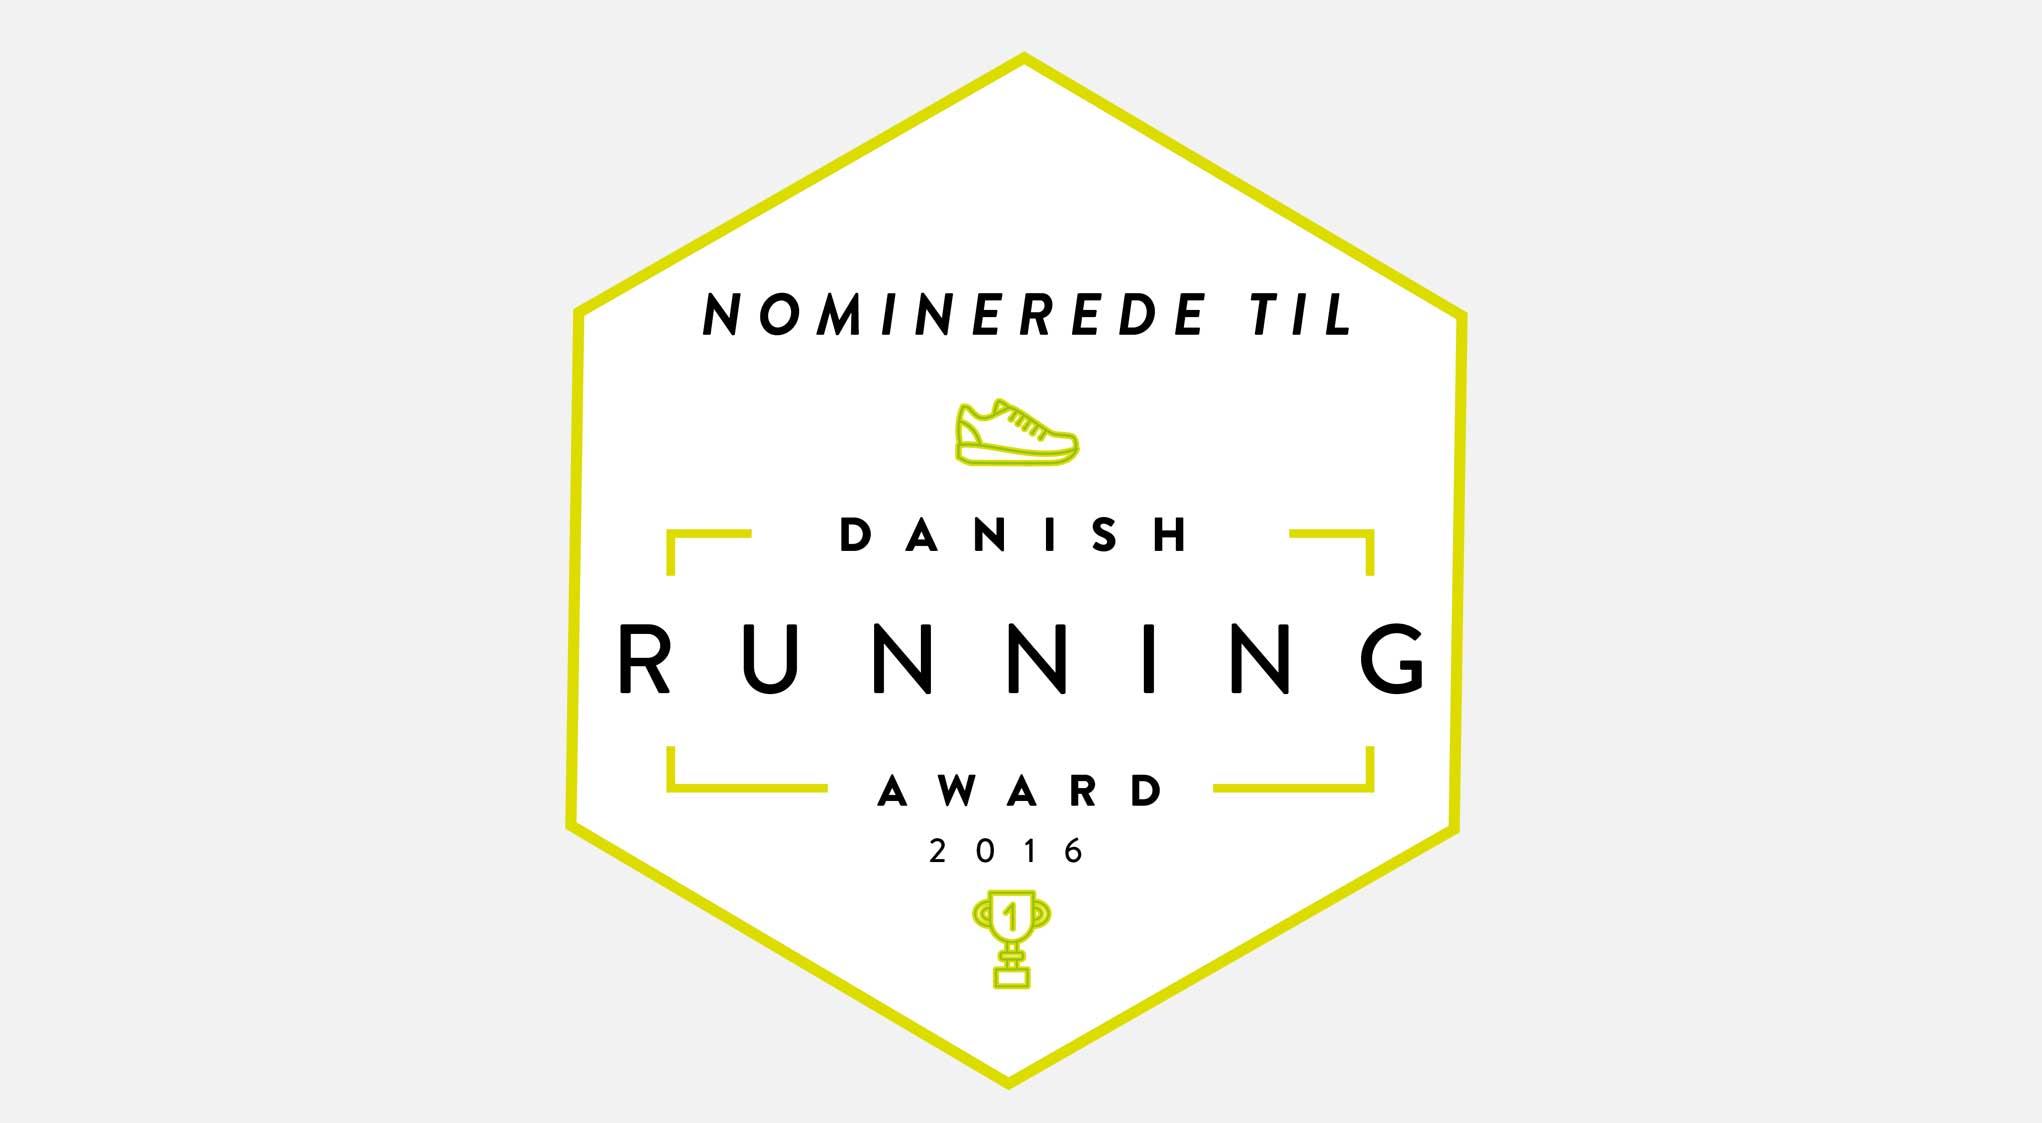 Shortlisten til Danish Running Award 2016 er offentligjort!